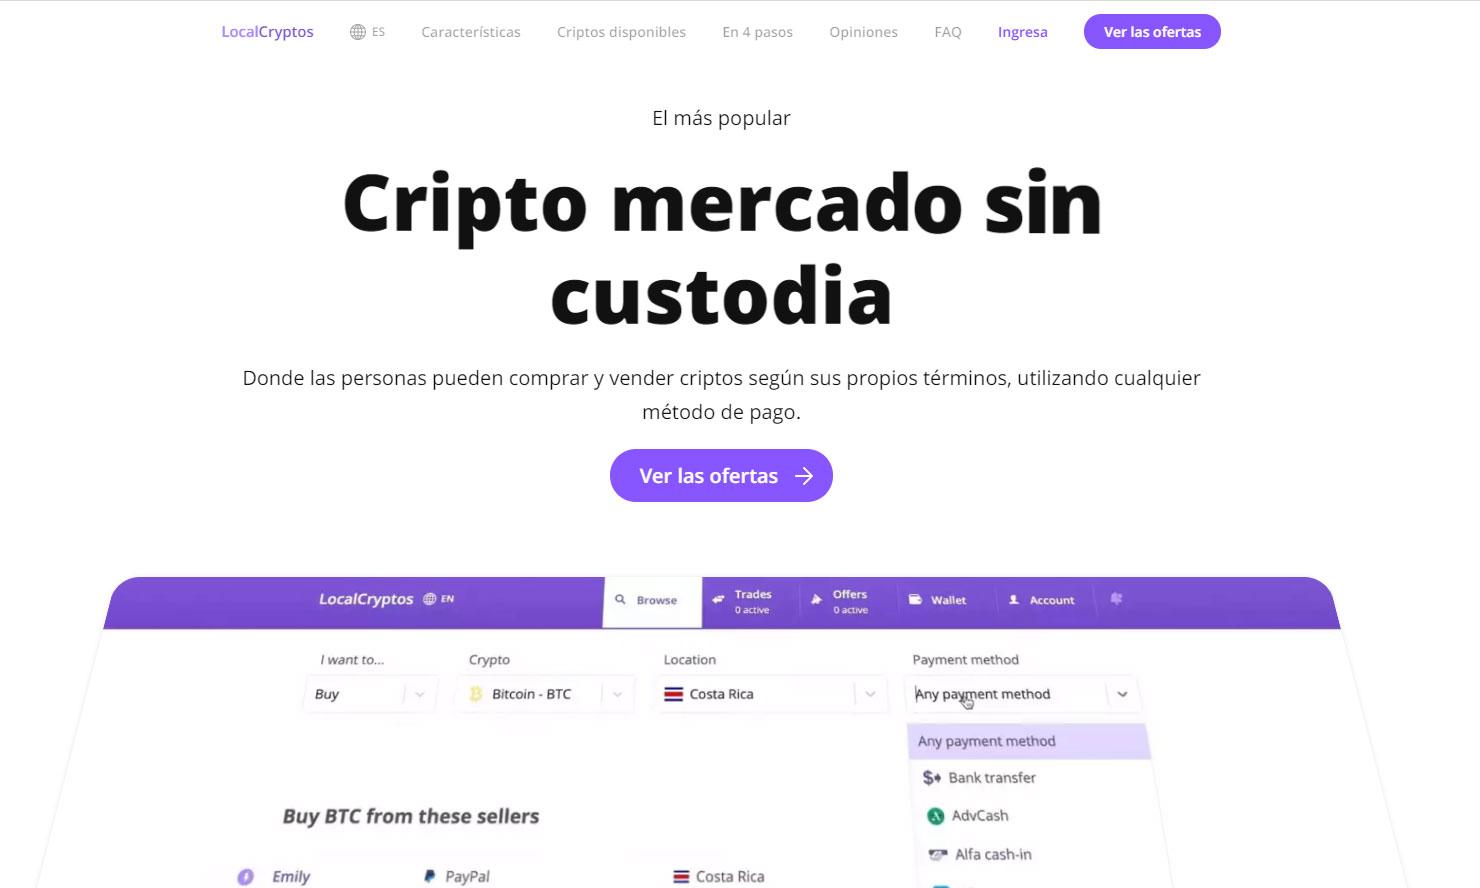 Donde Comprar y vender criptomonedas en mexico